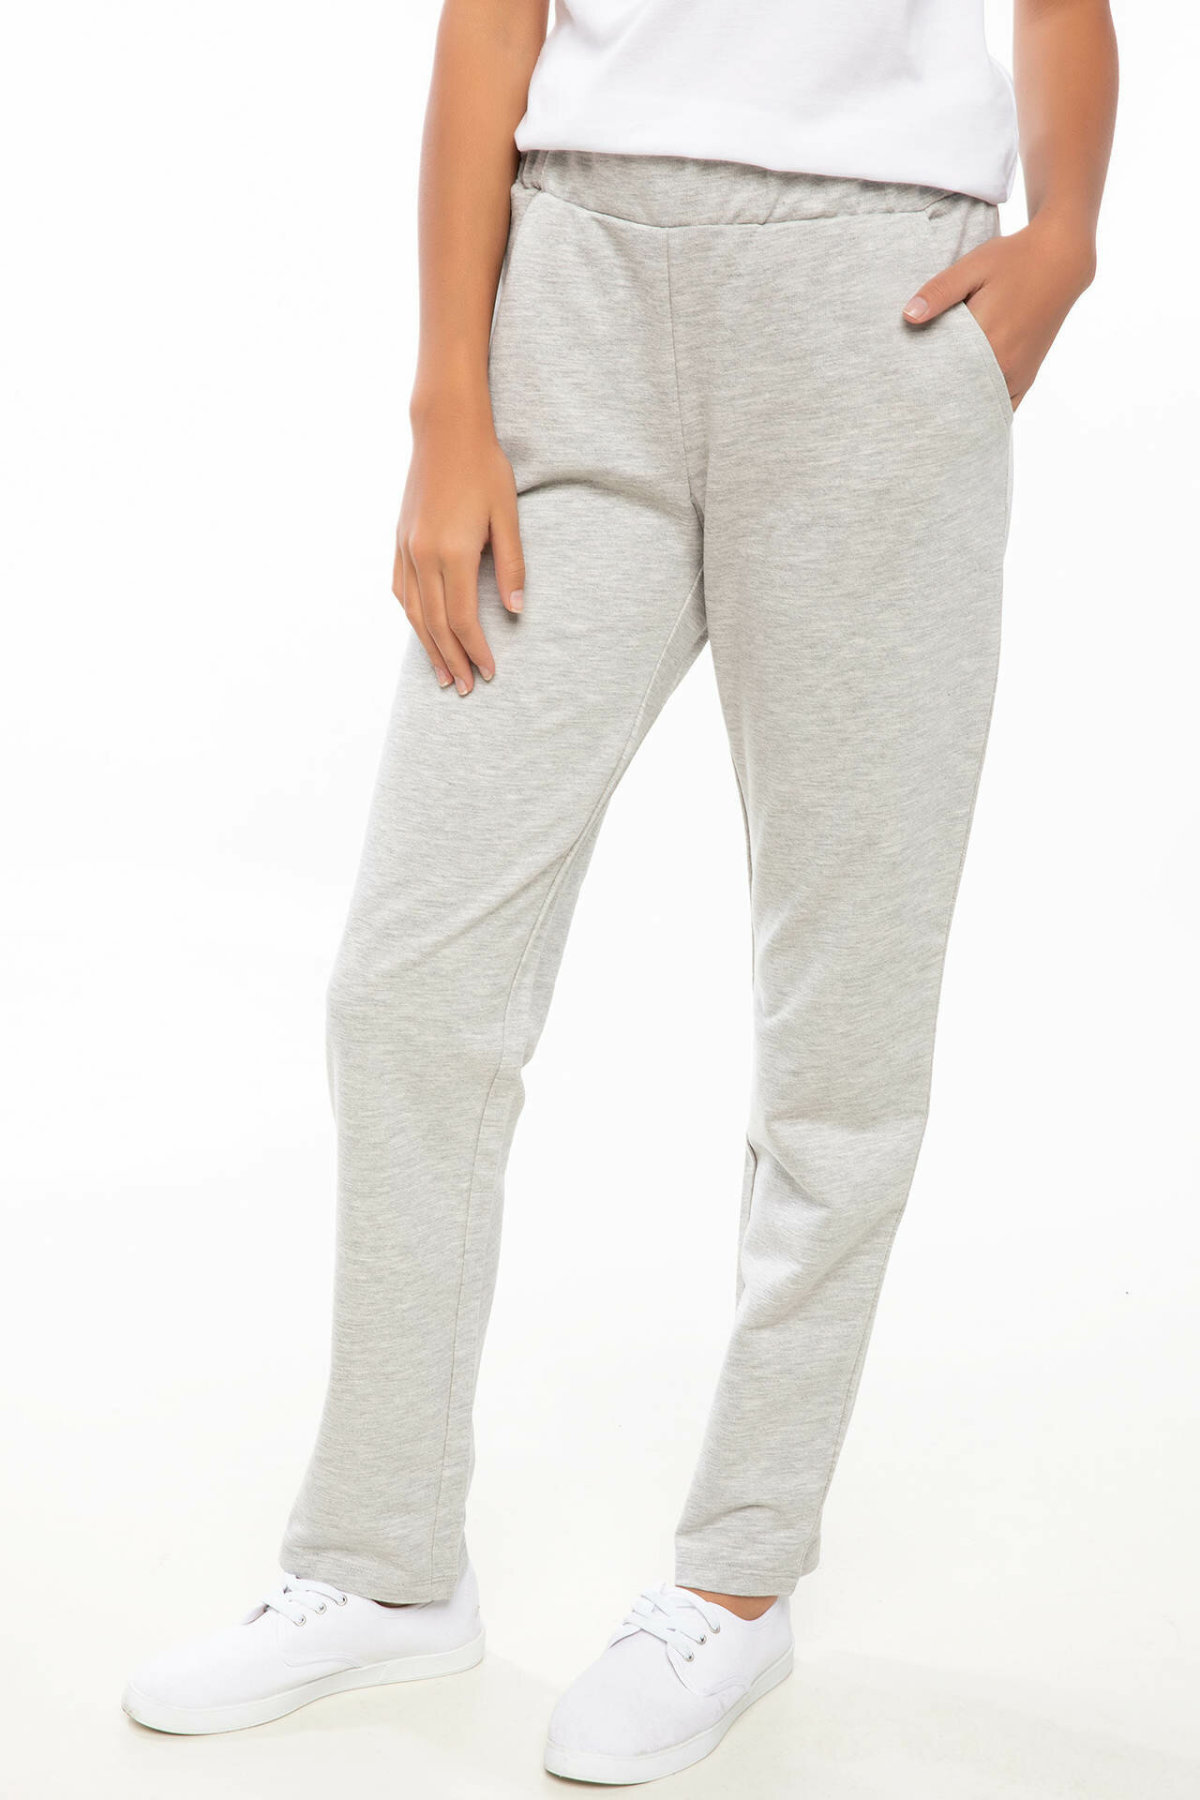 DeFacto Fashion Women Solid Elastic Waist Trousers Casual Harem Pants Ladies Loose Leisure Pants Female - I9717AZ18AU